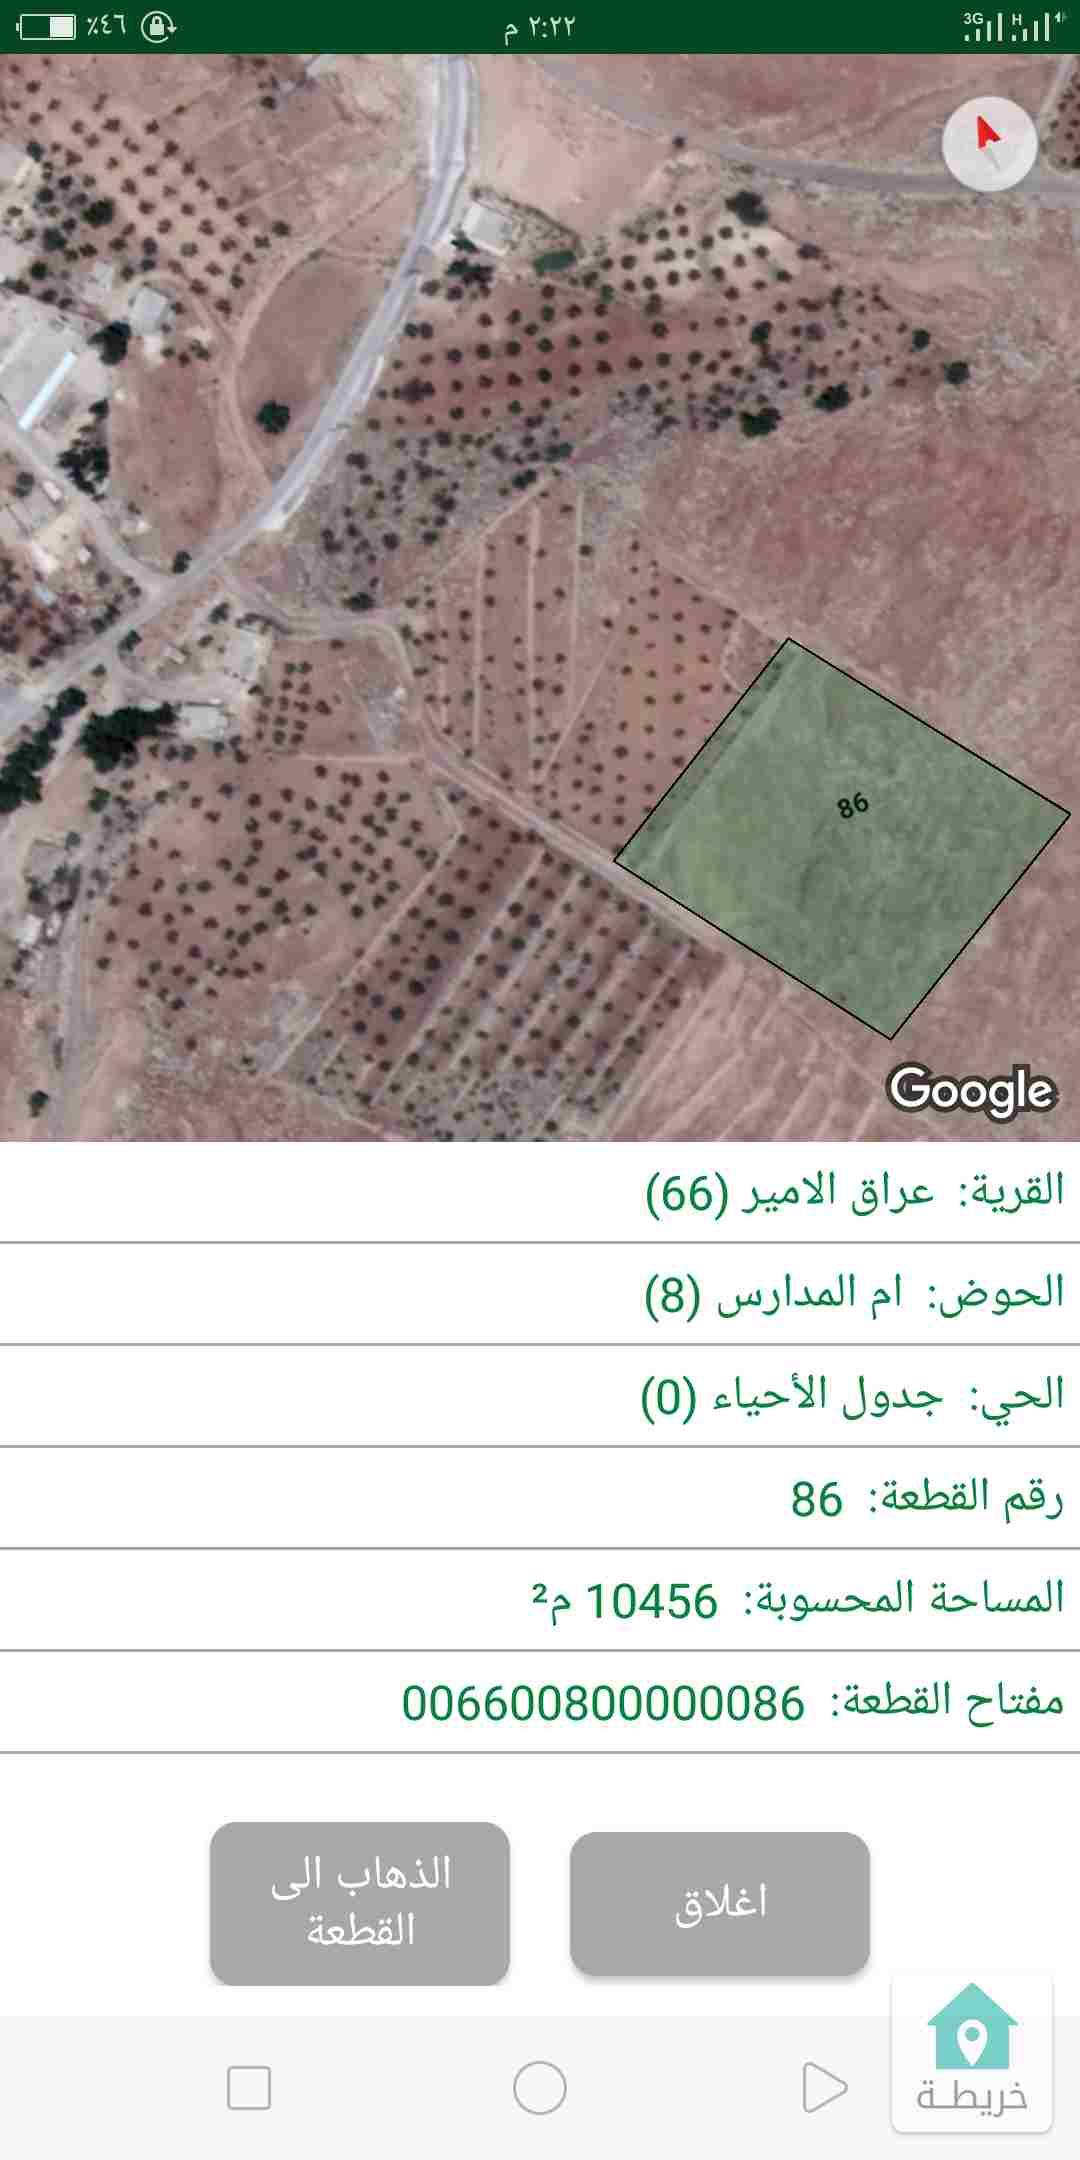 10 دنم للبيع في عراق الامير تصلح الاستثمار